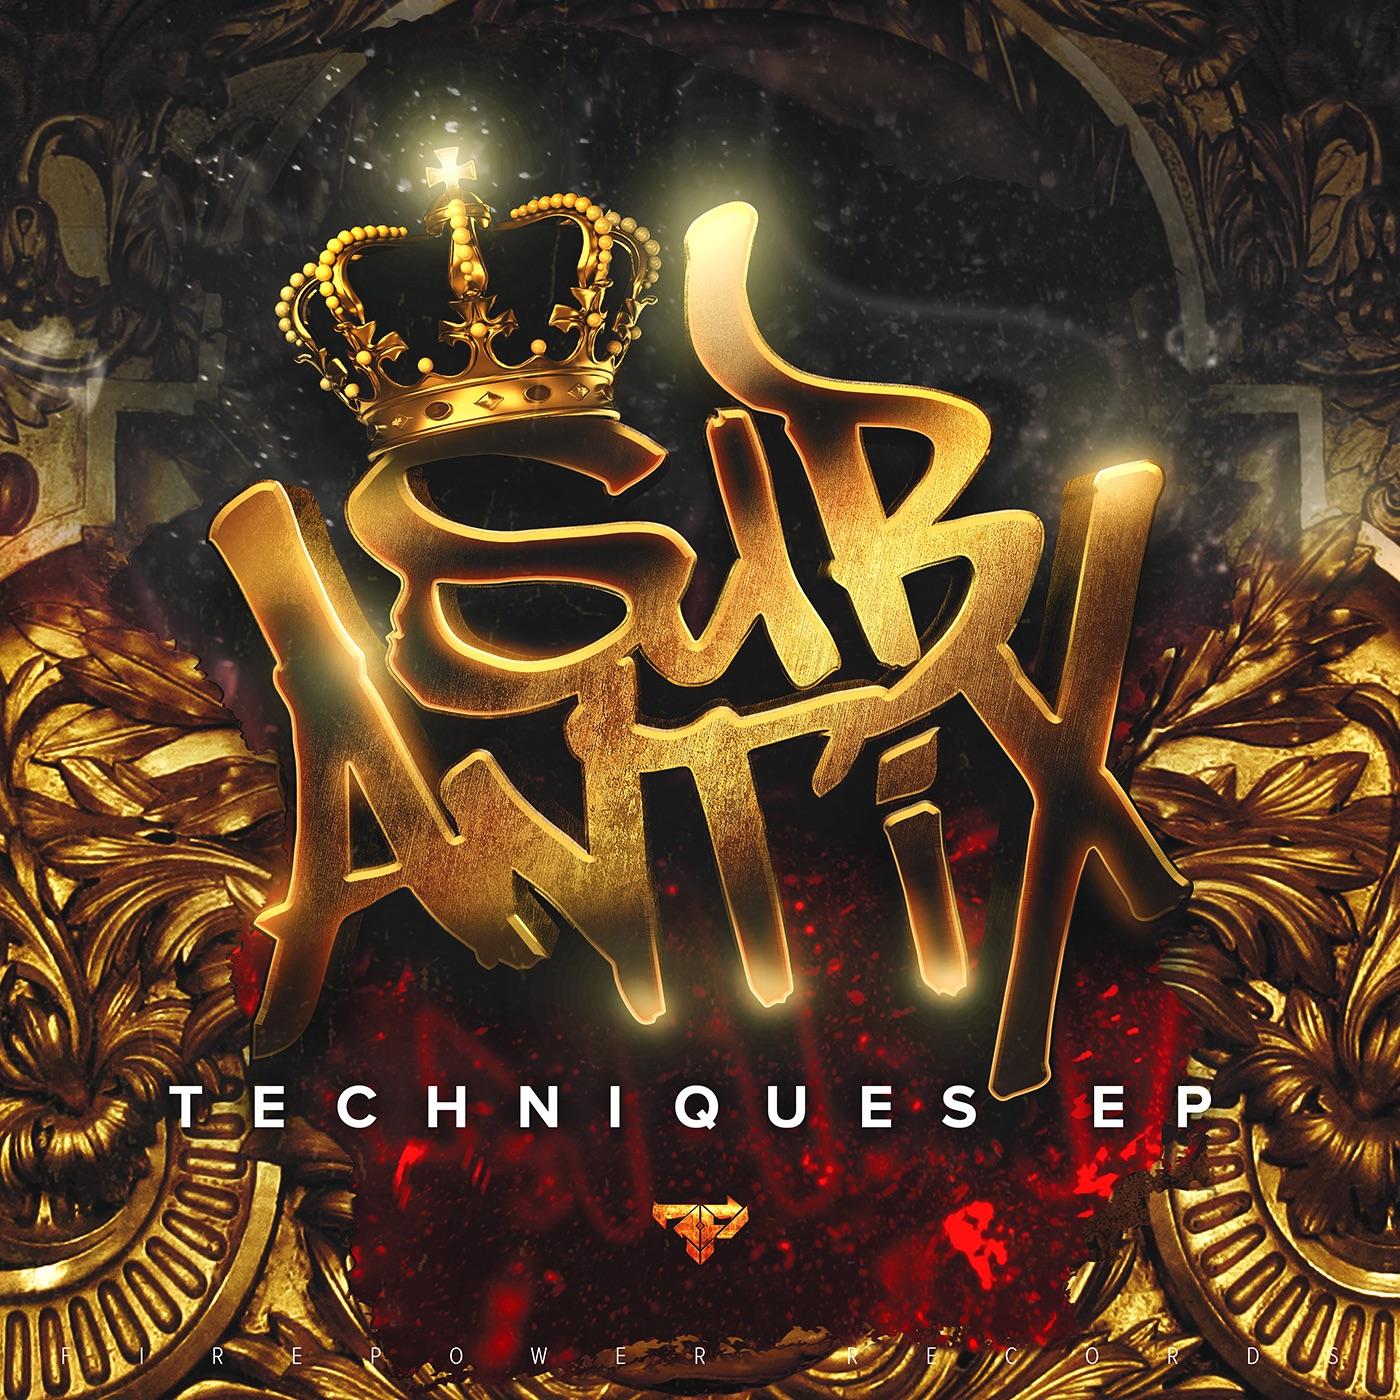 Techniques - EP